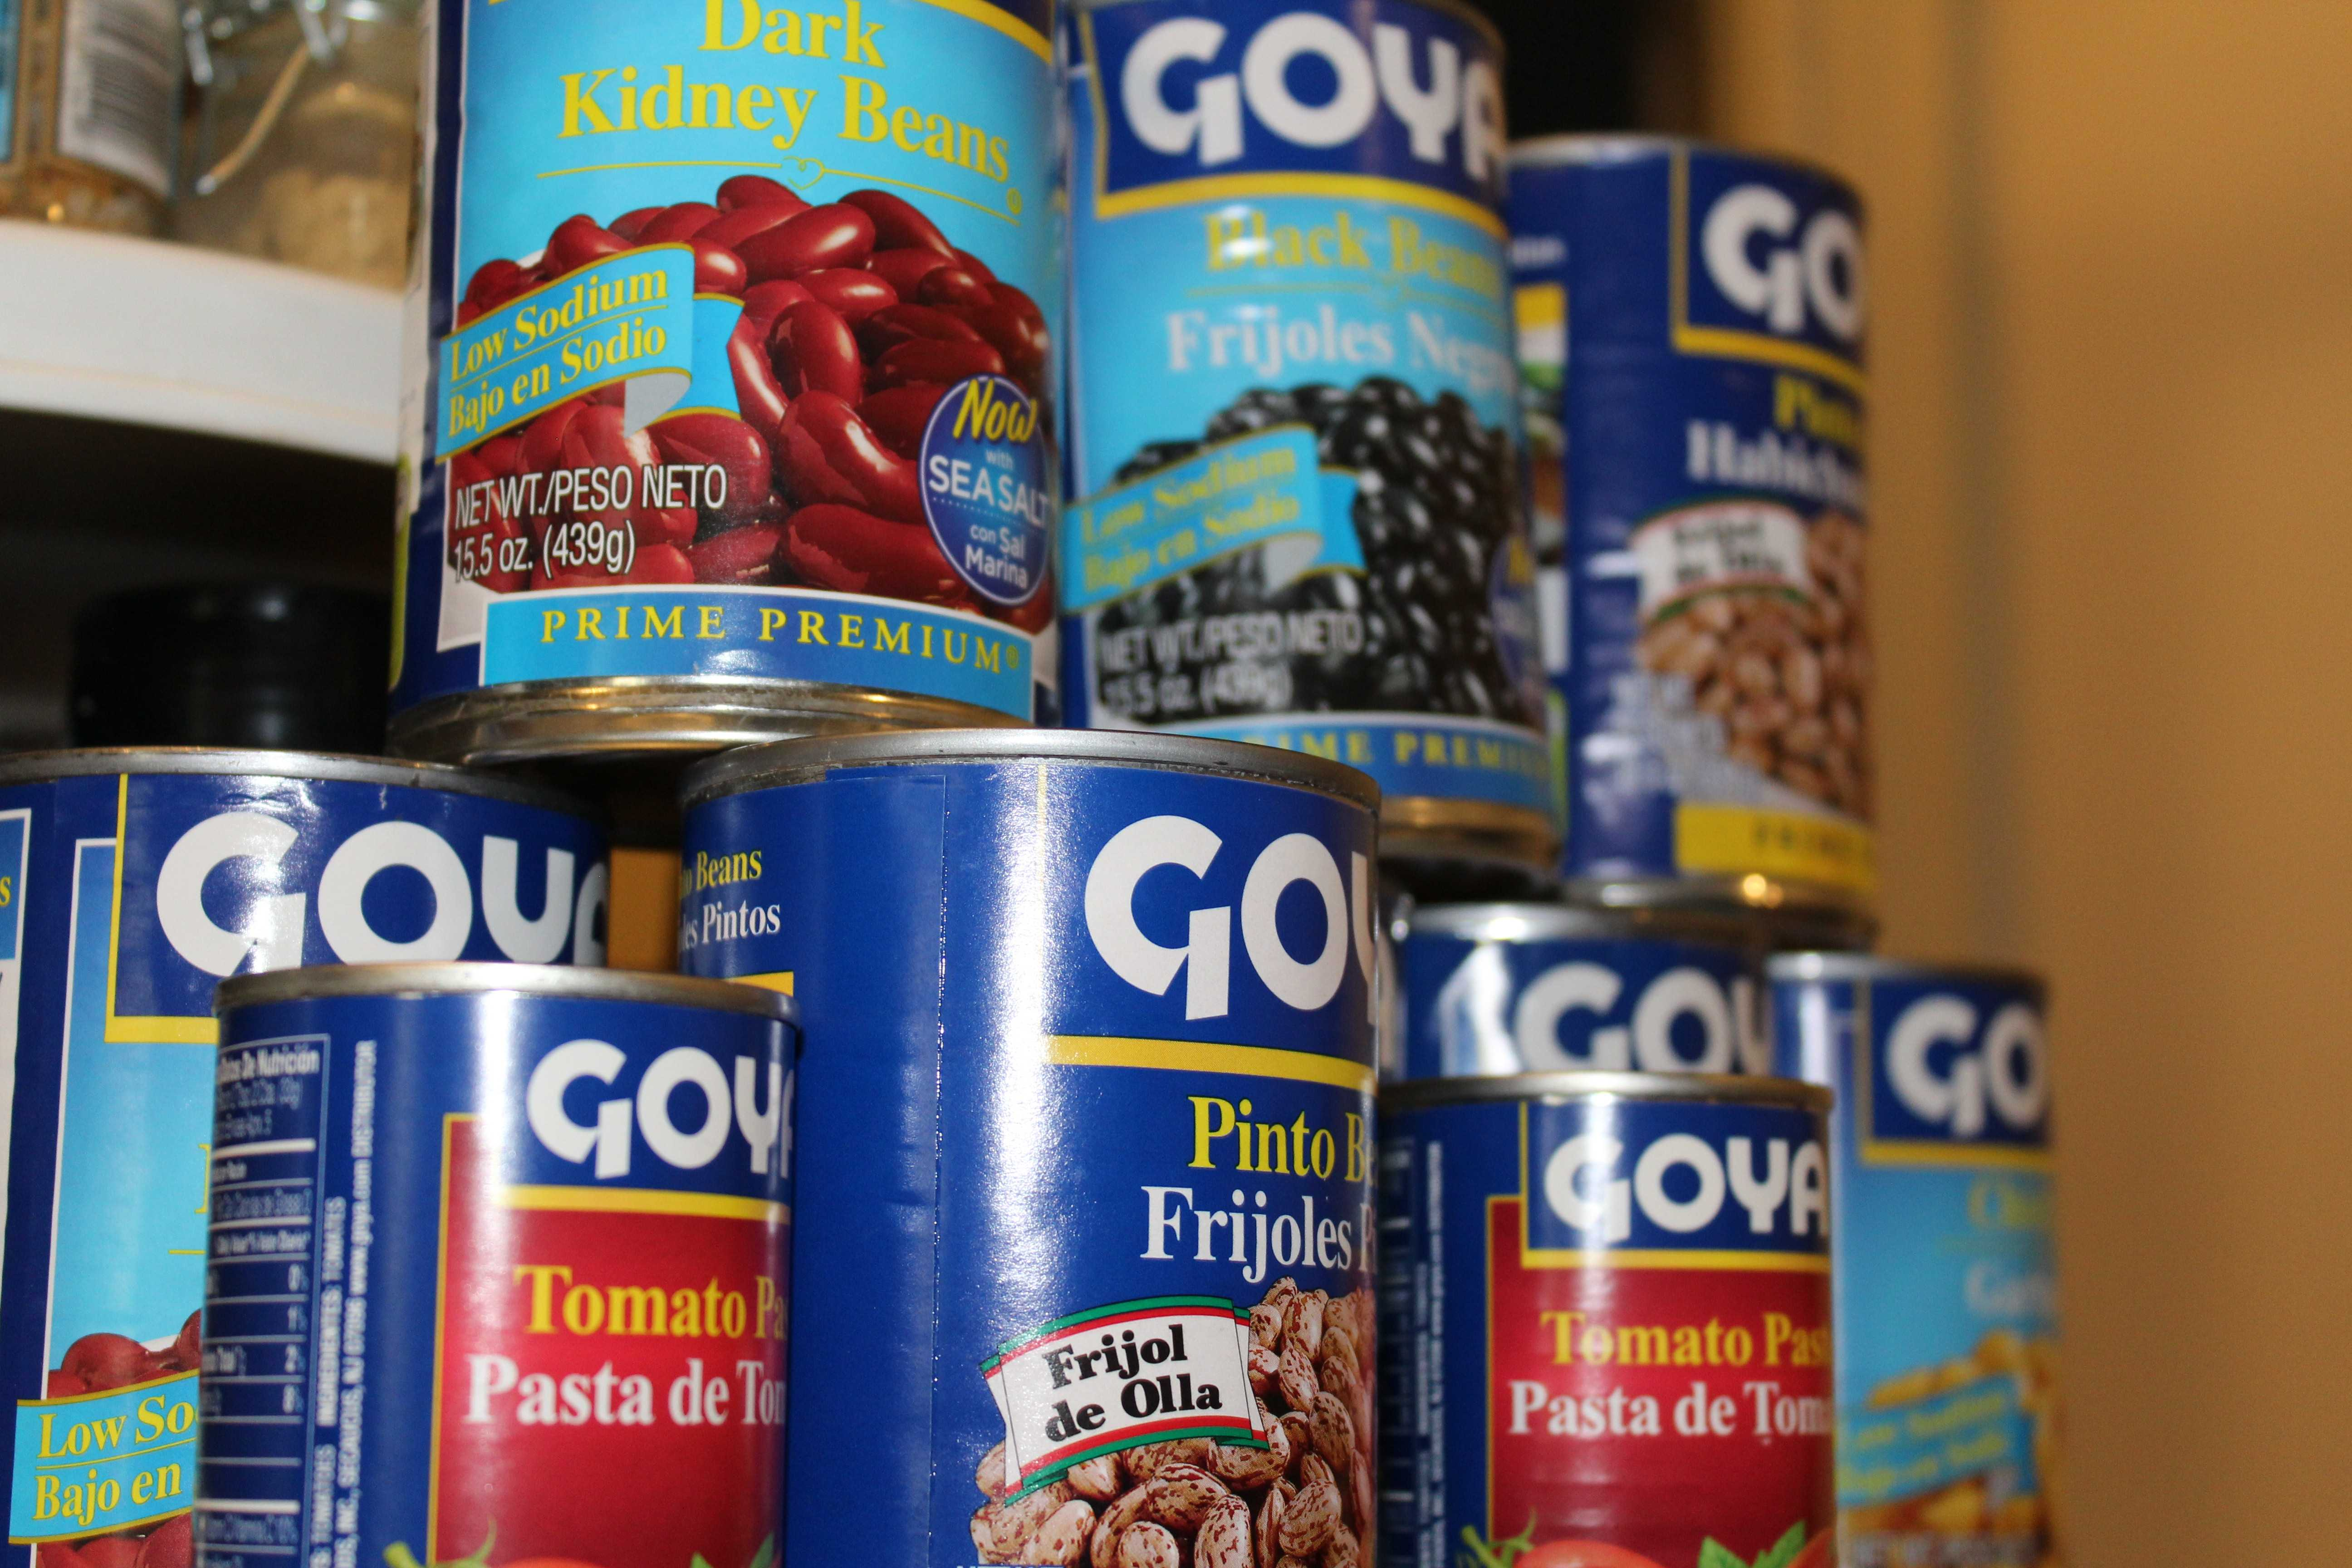 Goya food cans.